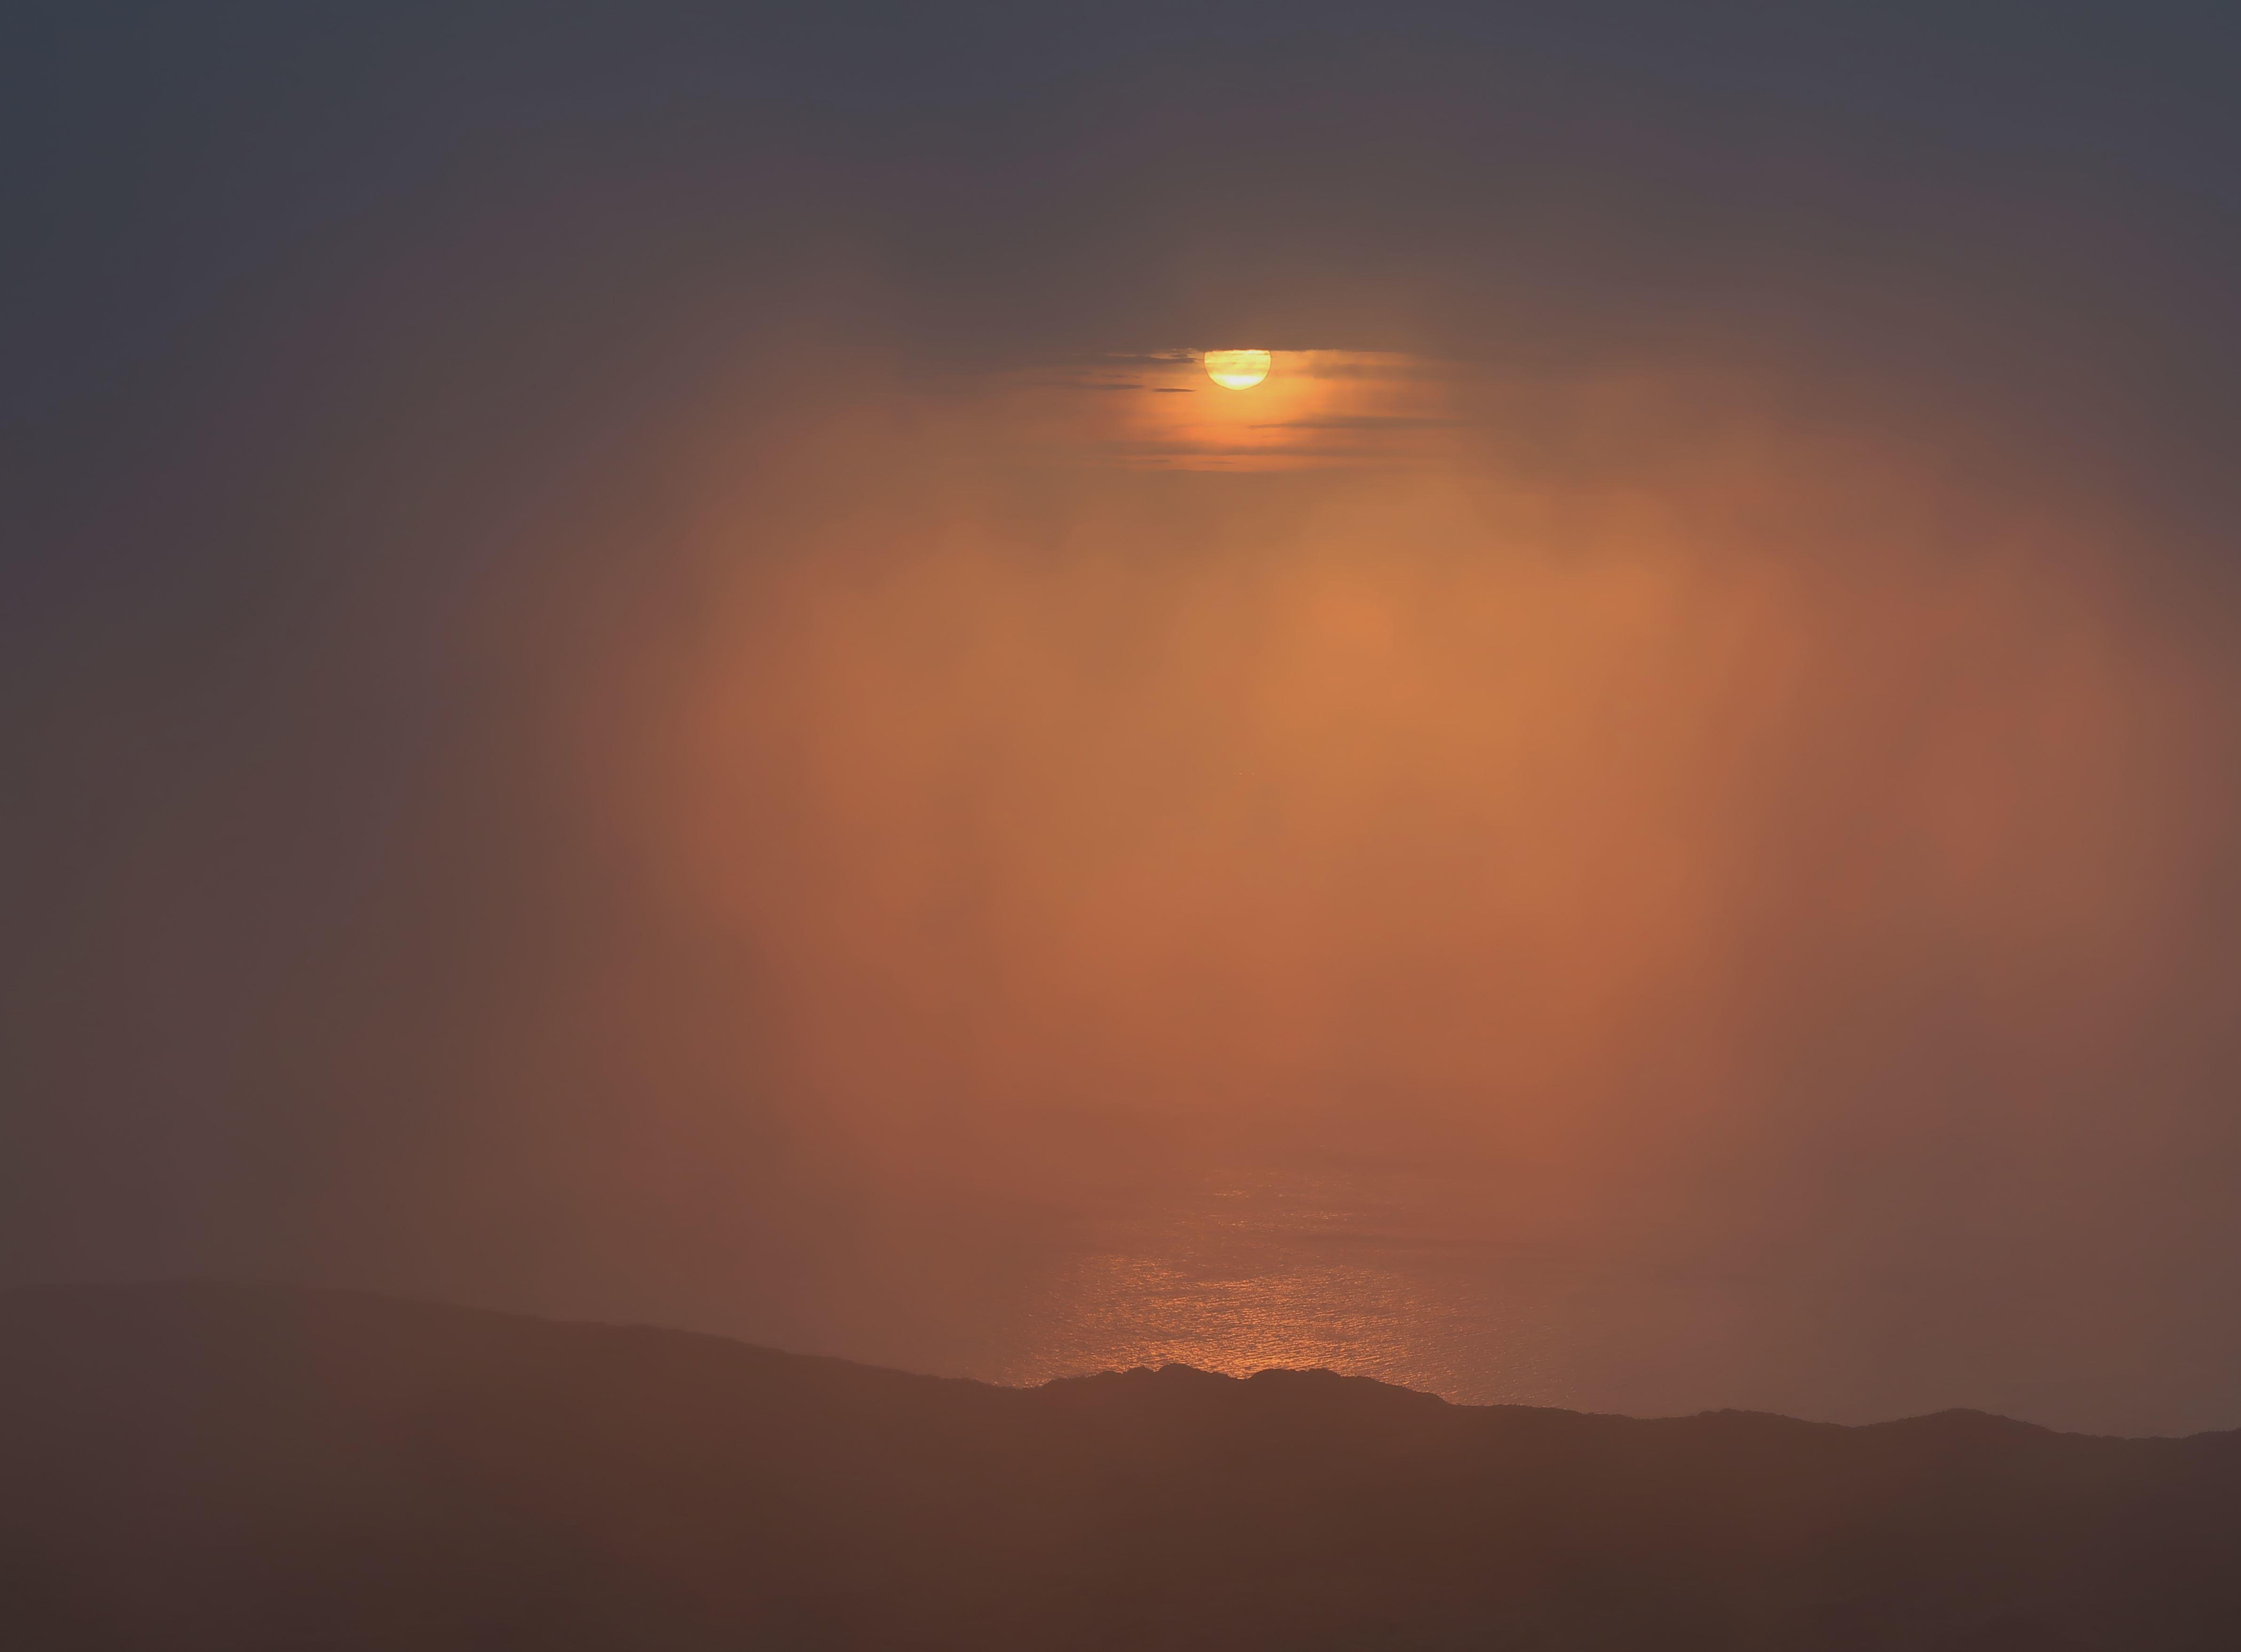 007_霧に包まれた朝日_R